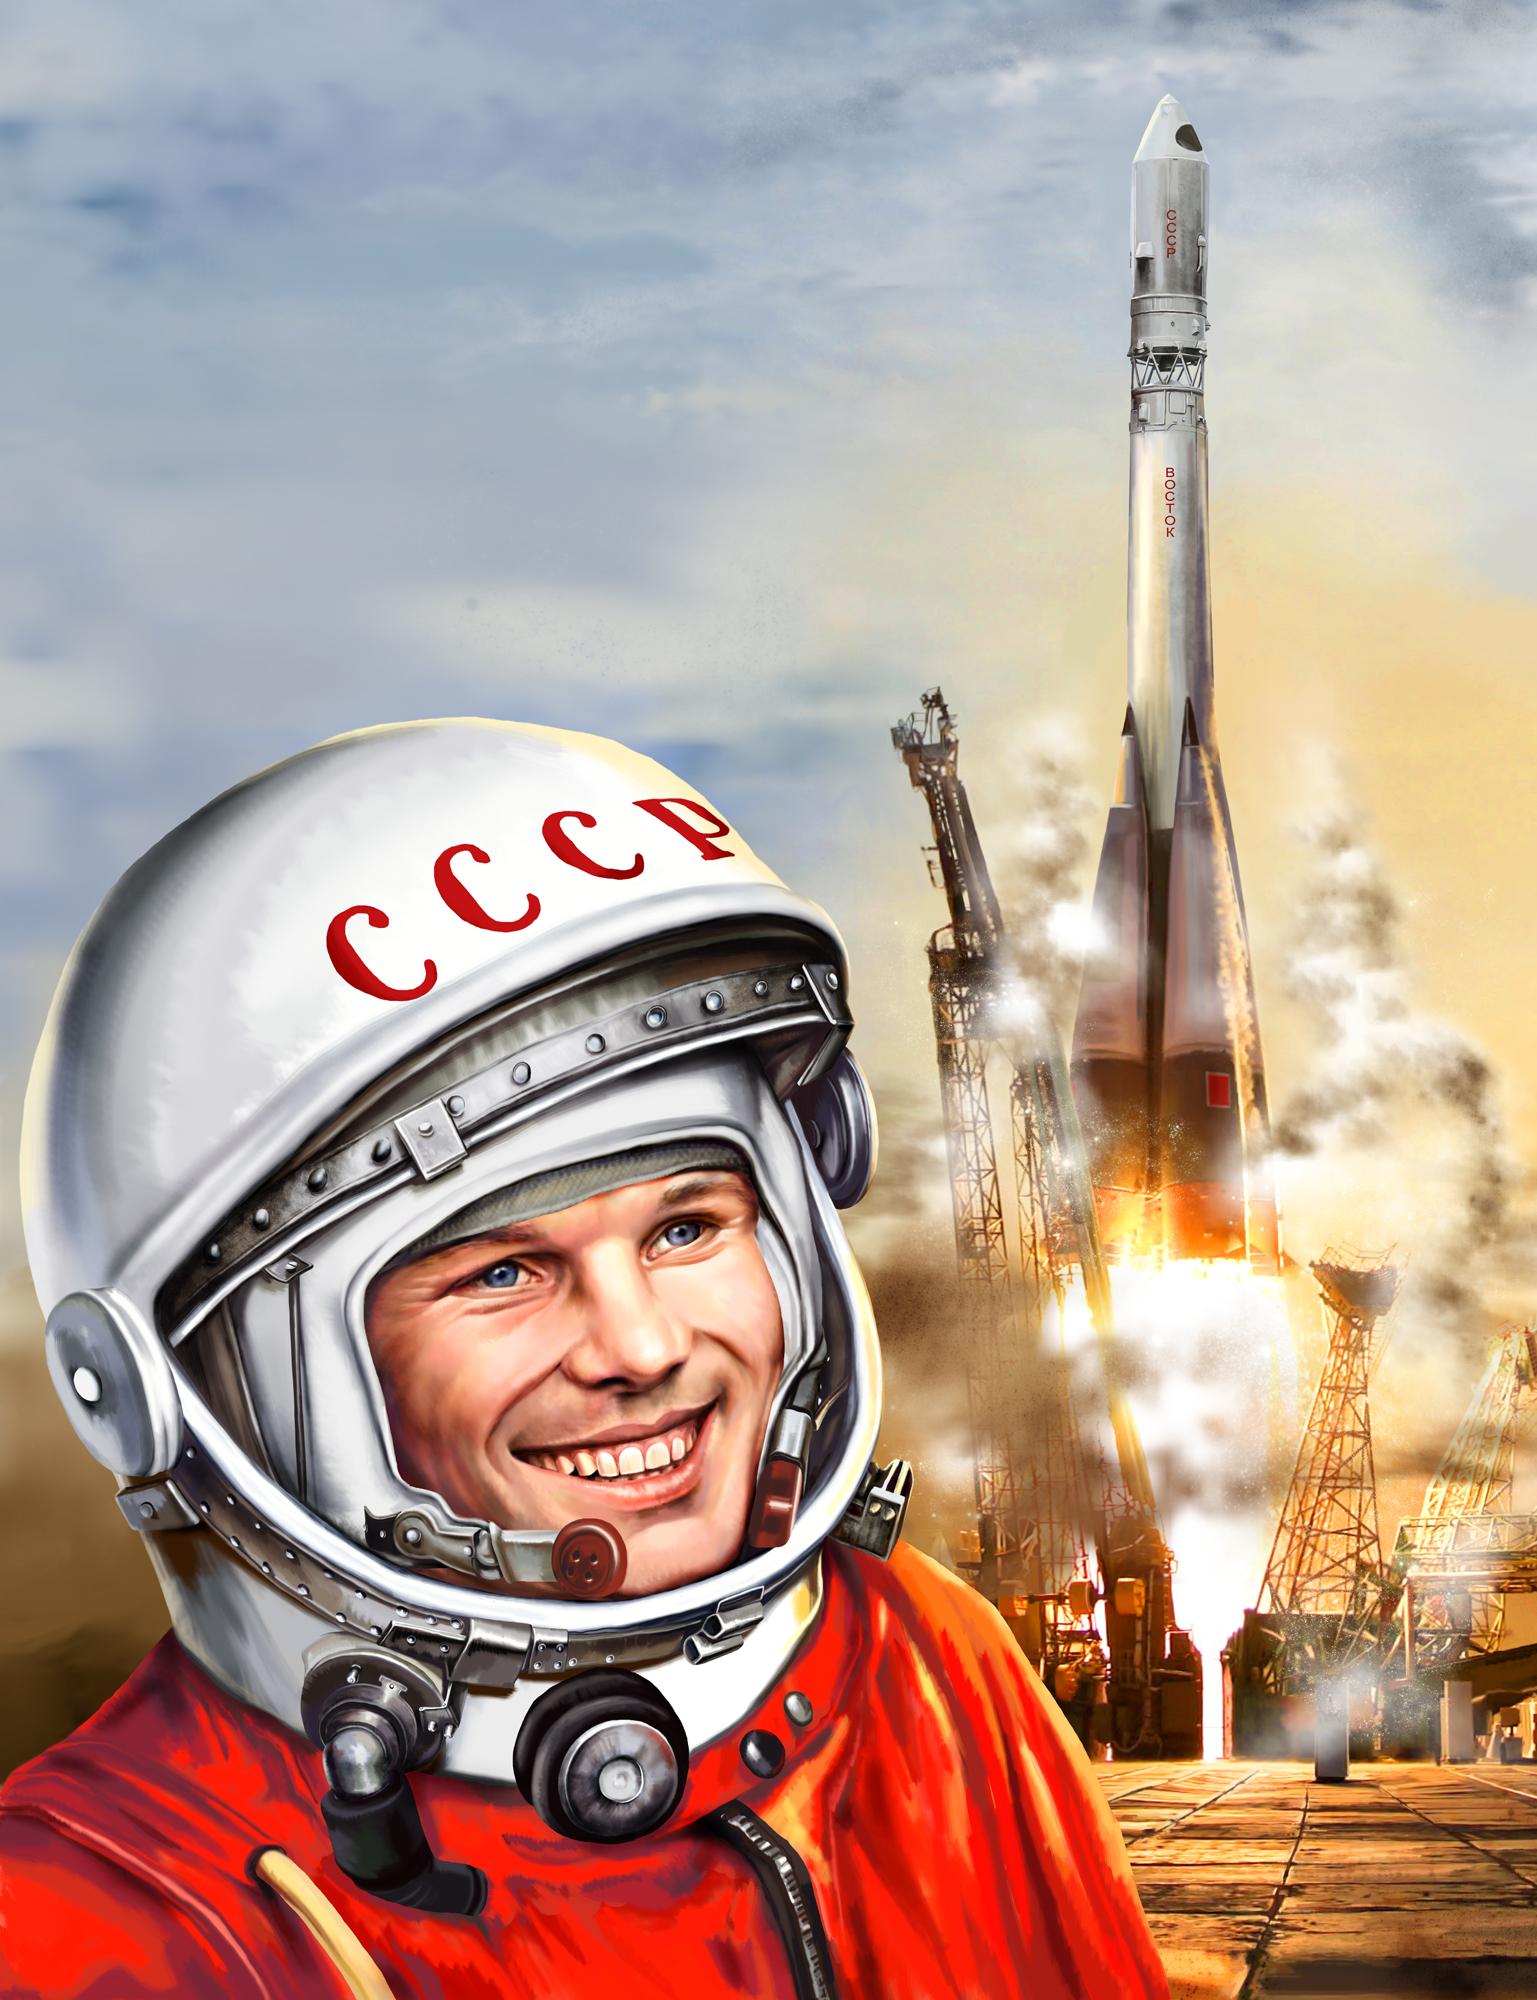 Hintergrundbilder Juri Gagarin Astronauten Helm Rakete Lächeln Sowjetunion Weltraum Prominente Gezeichnet UdSSR Kosmos